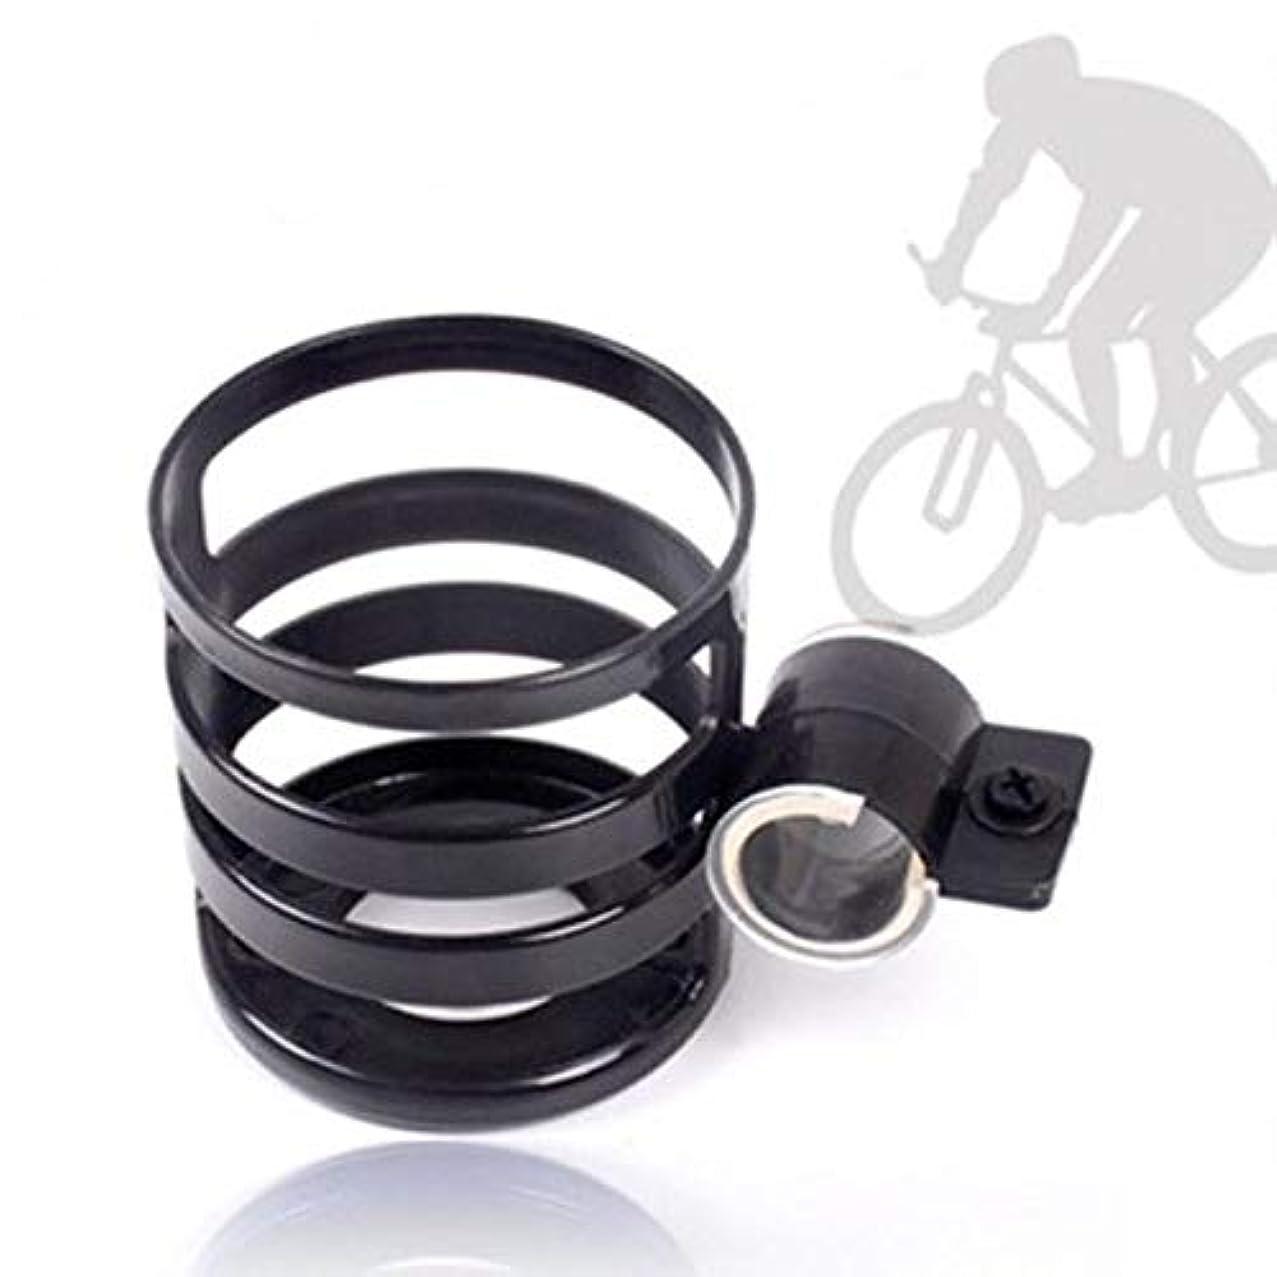 Bicycle Handlebar Bottle Holder Plastic Adjustable Bike Drink Cup Water Bottle Holder Bracket Rack Cage Cycling Bike - Black